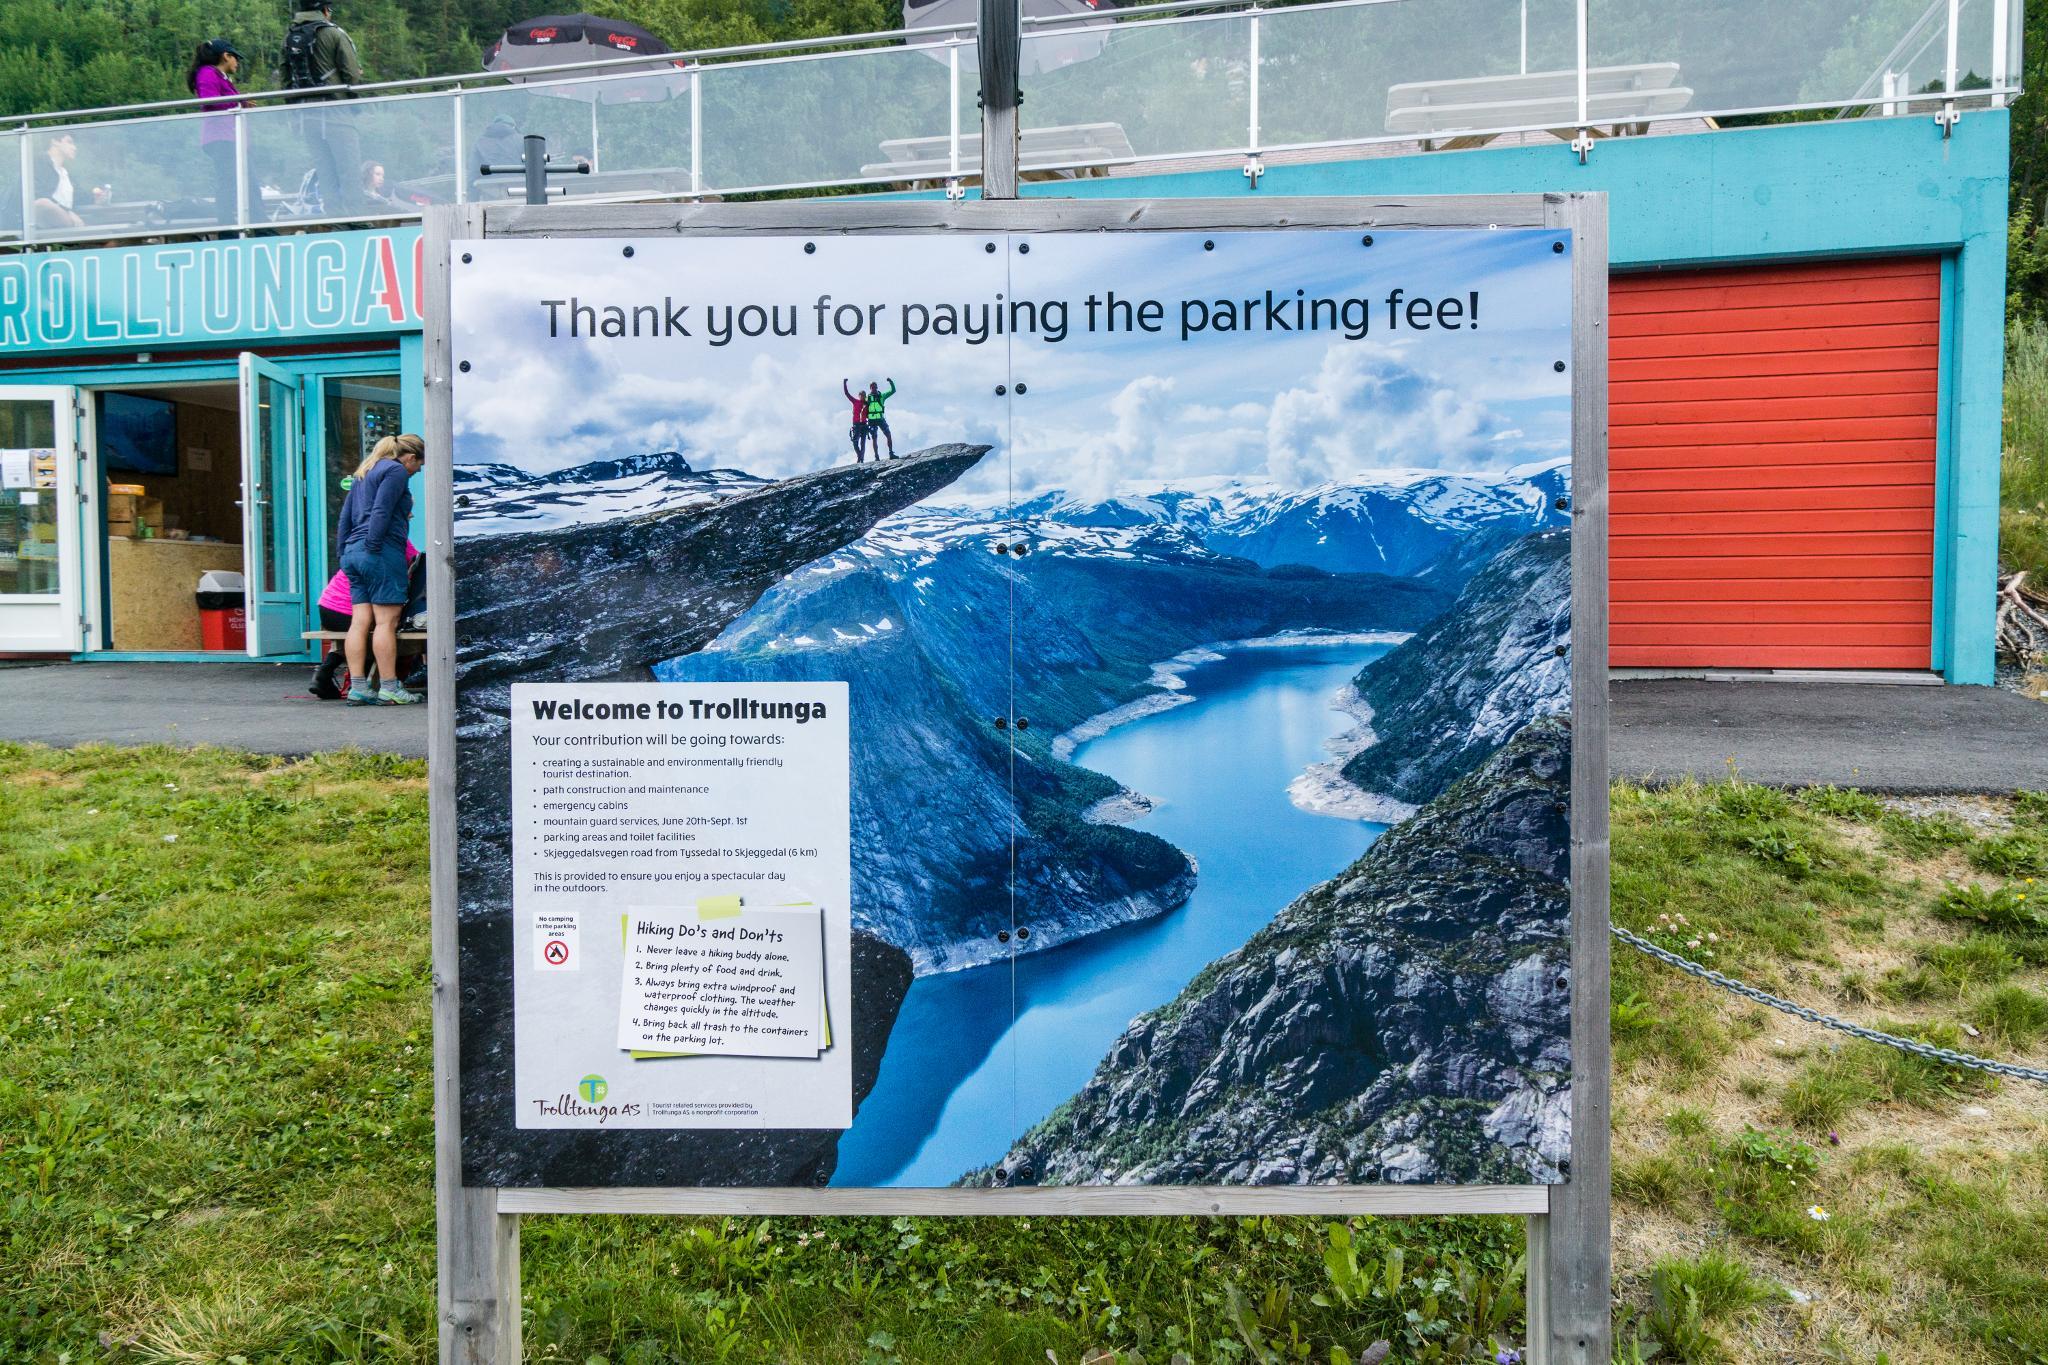 【北歐景點】挪威惡魔之舌 Trolltunga — 28公里健行挑戰全攻略 176